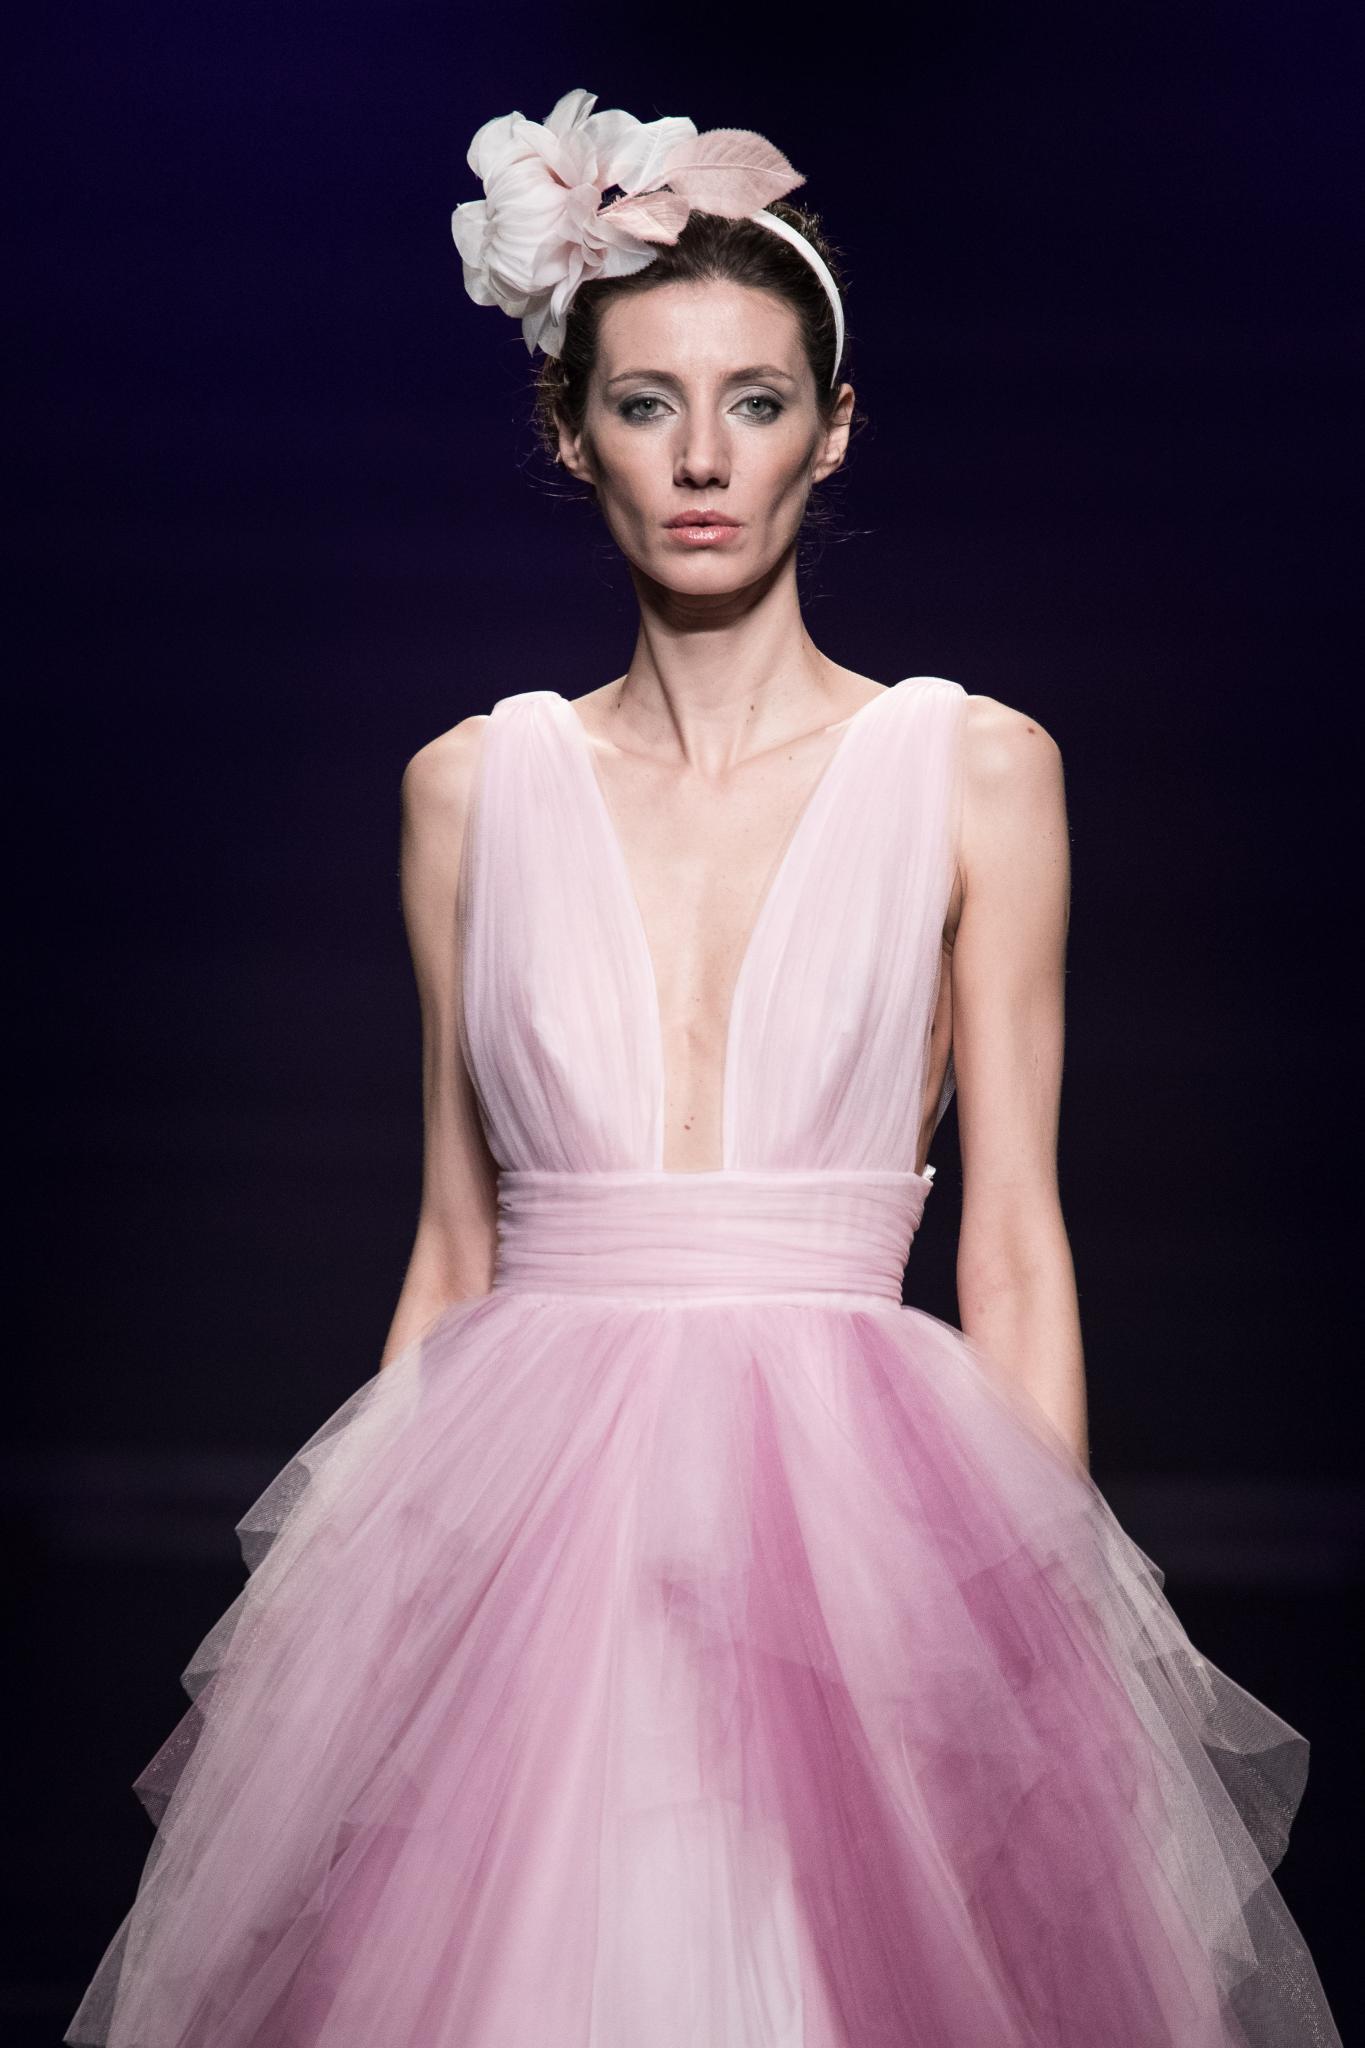 Mujer castaña con cabello totalmente recogido y cubierto por un fascinator de gran tamaño en color rosa